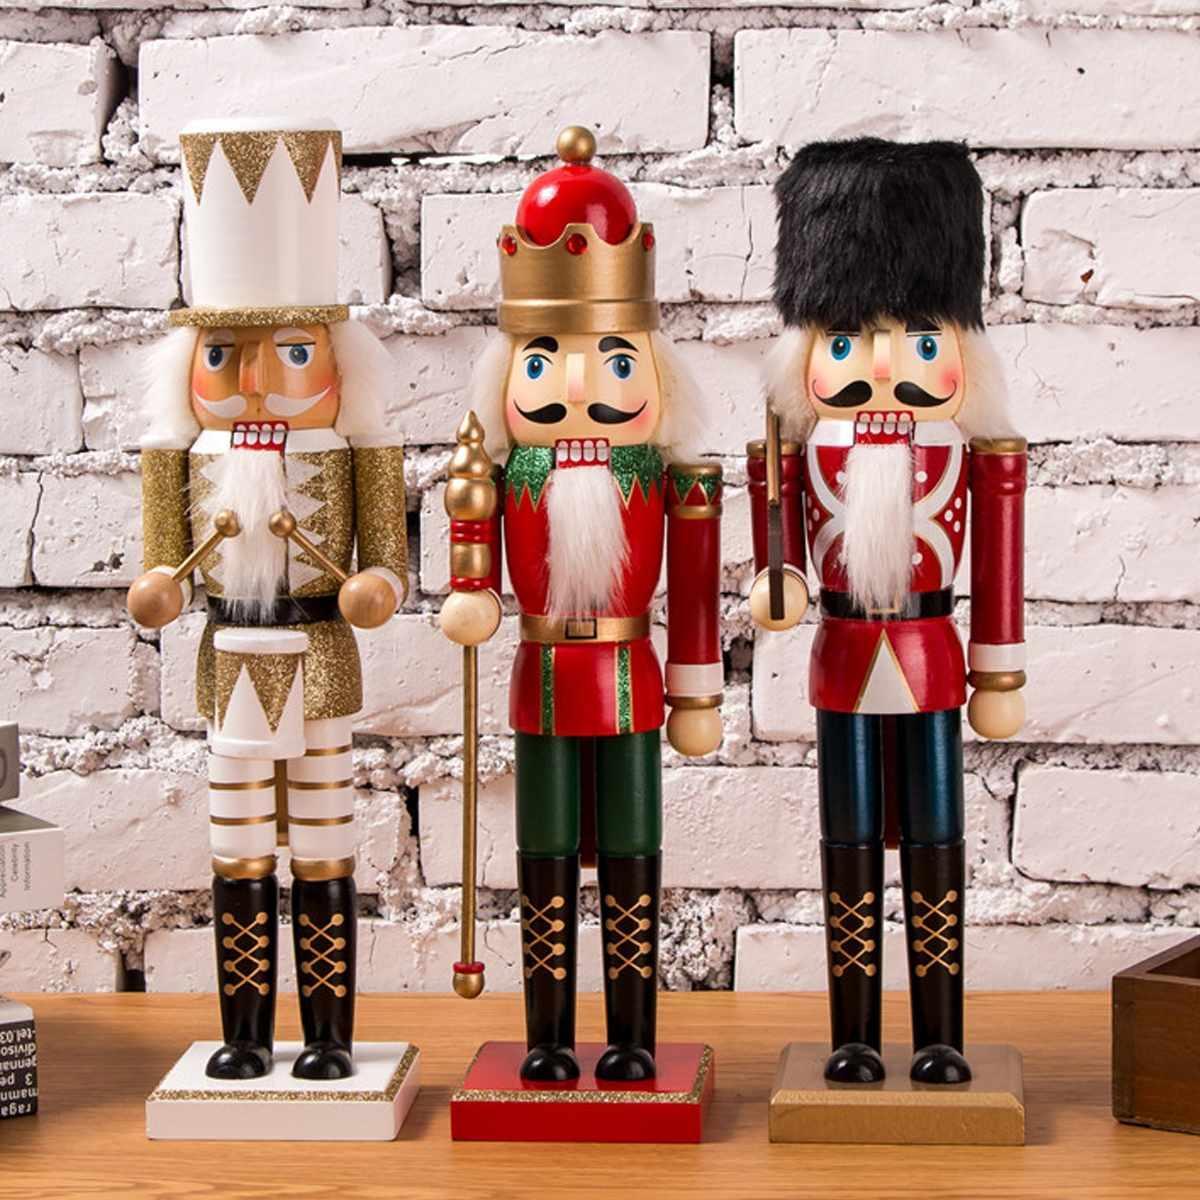 35cm Vintage Artesanat Marionnettes Party Casse-Noisette poupée en bois Accueil Décoration Décorations Cadeaux de Noël